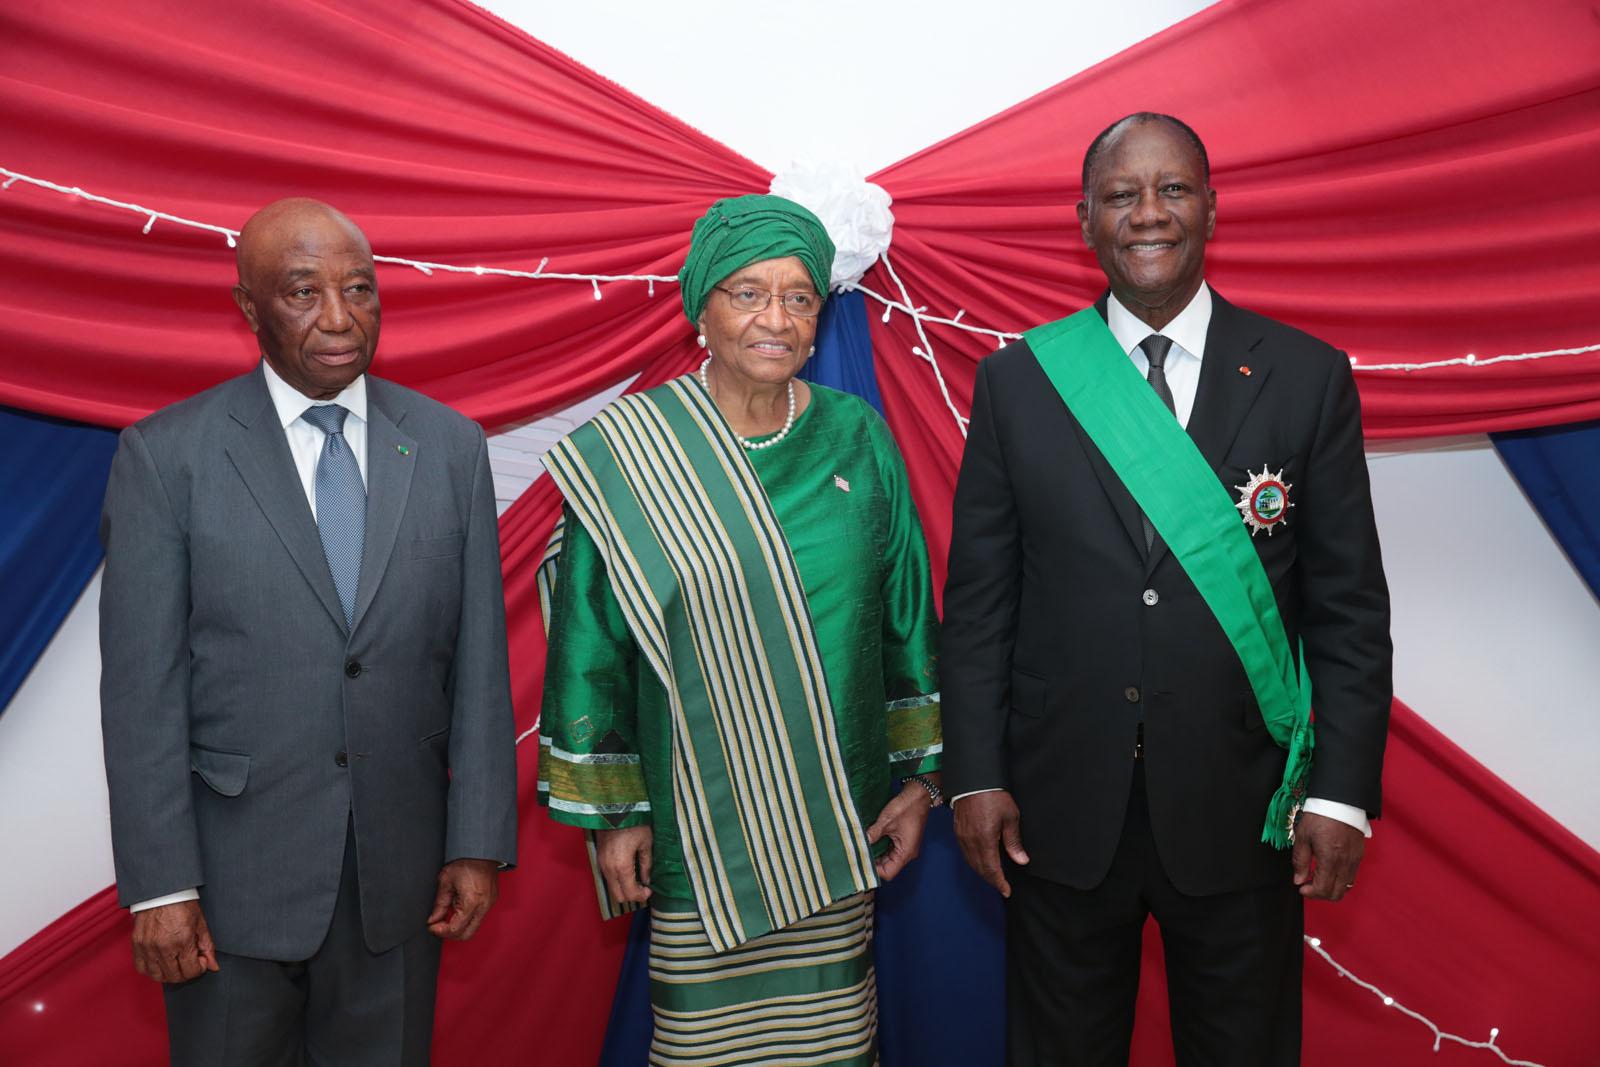 Le Chef de l'Etat a  pris part à une cérémonie d'hommage, à Monrovia, au Libéria.